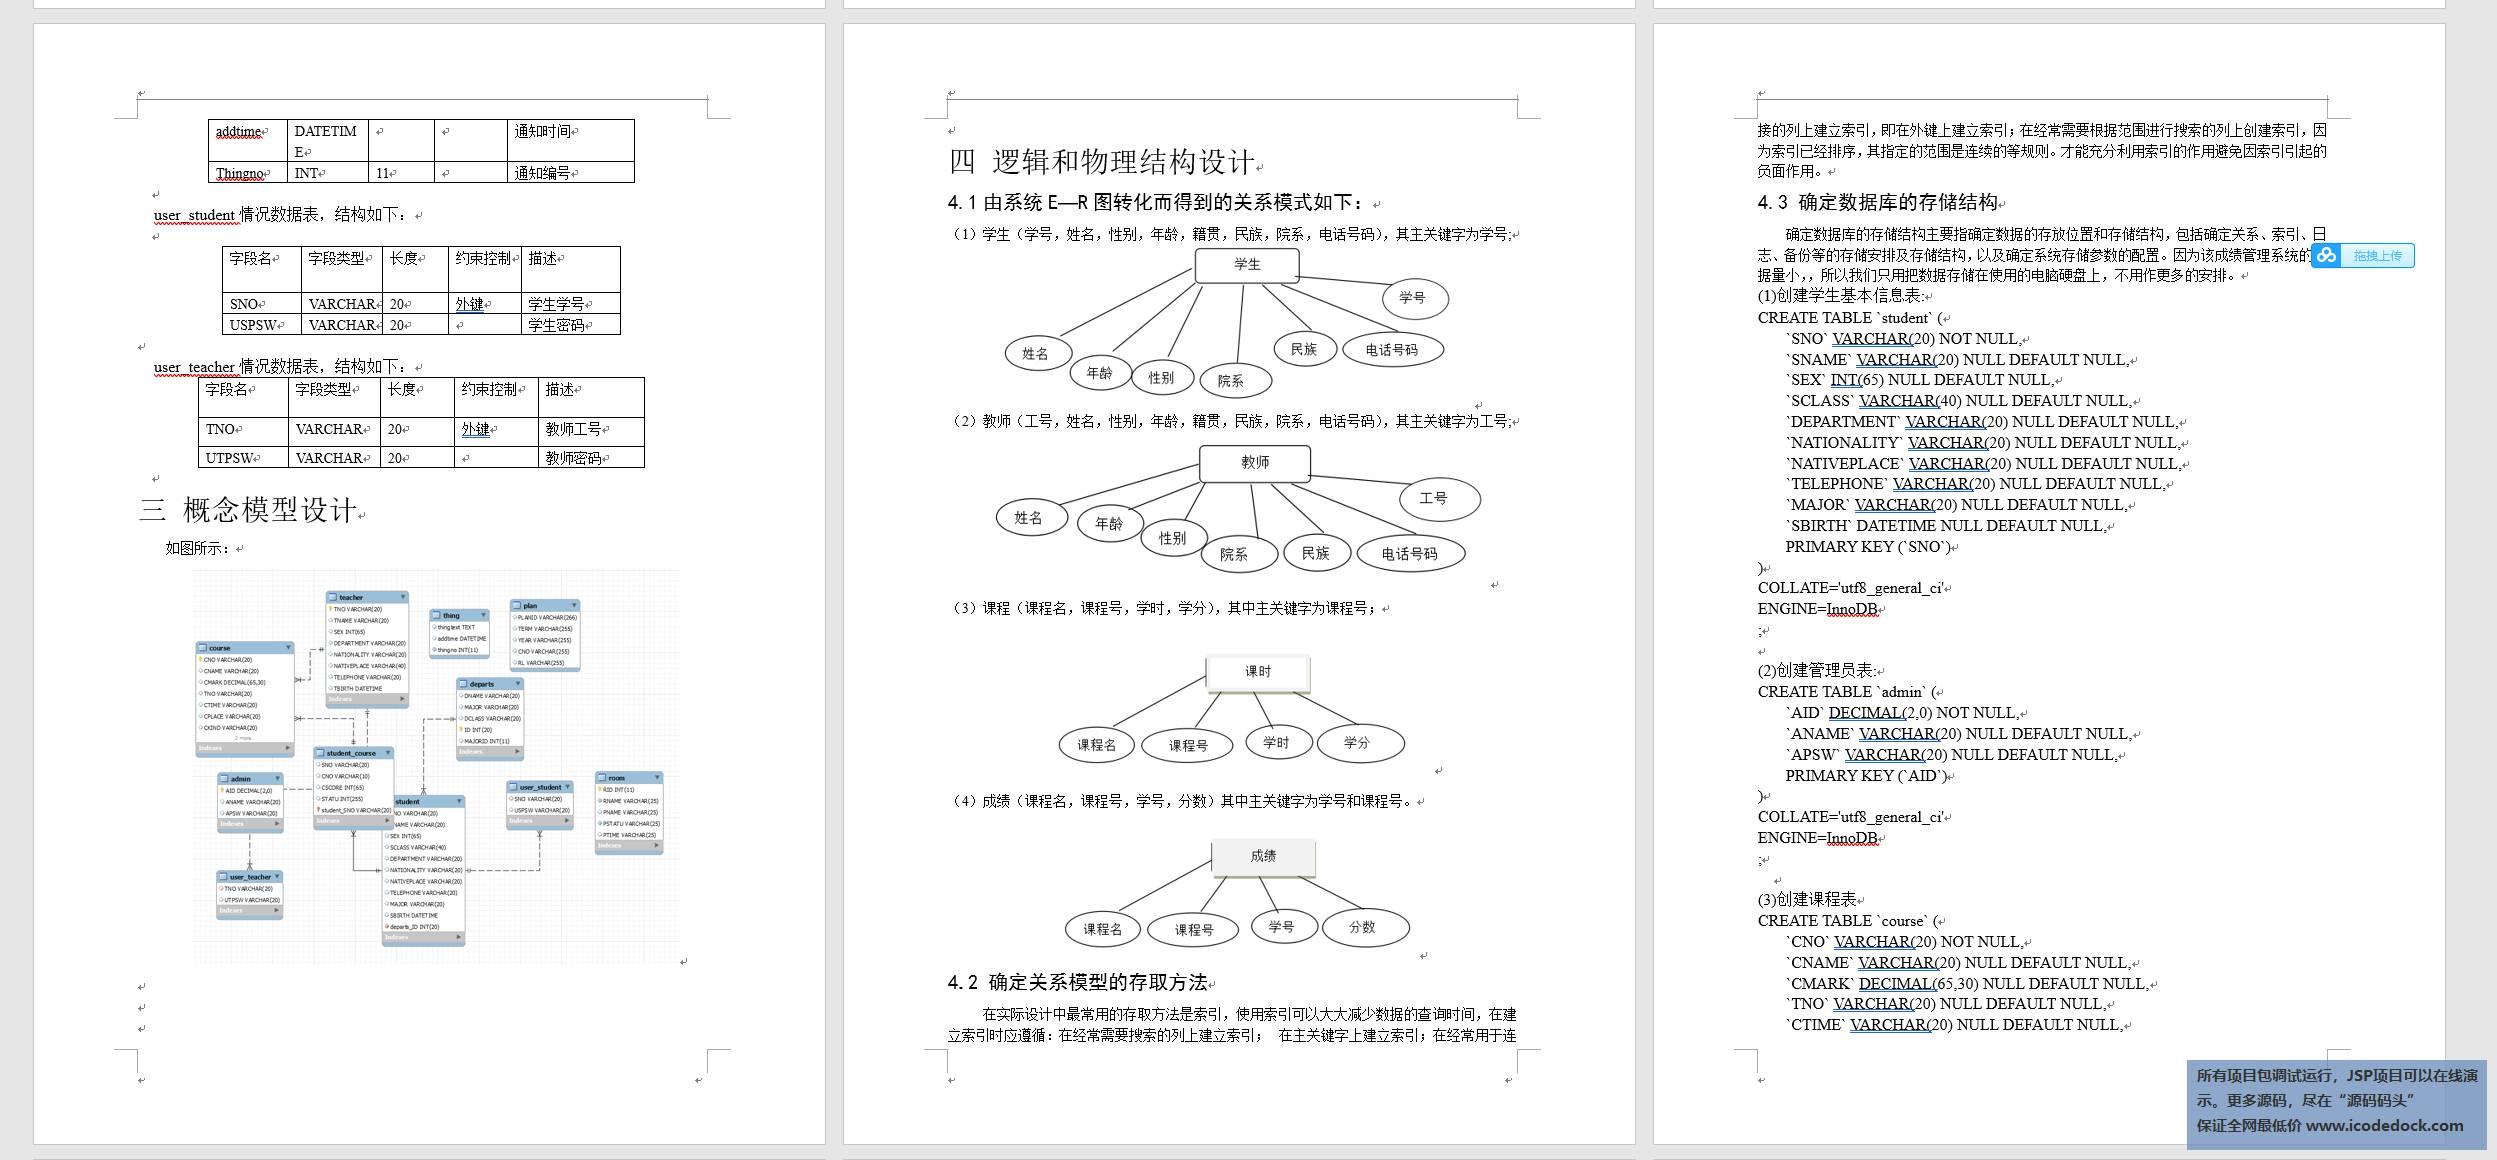 源码码头-教务管理系统-文稿截图-结构设计